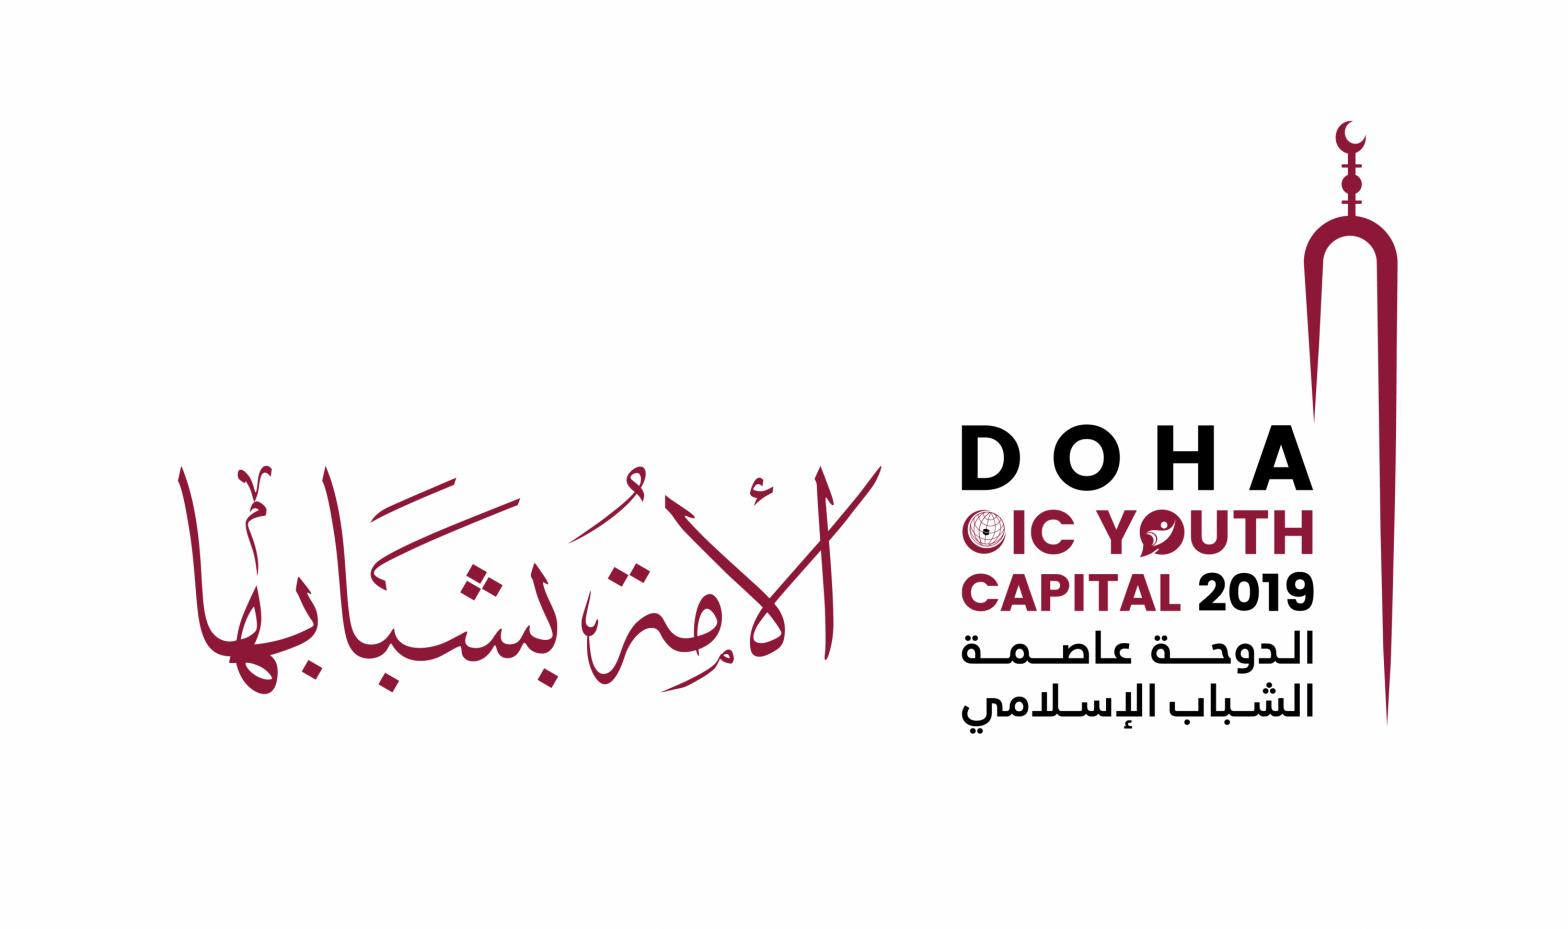 إذا كنت مصورا هذه فرصتك للمشاركة في جائزة الدوحة للإبداع